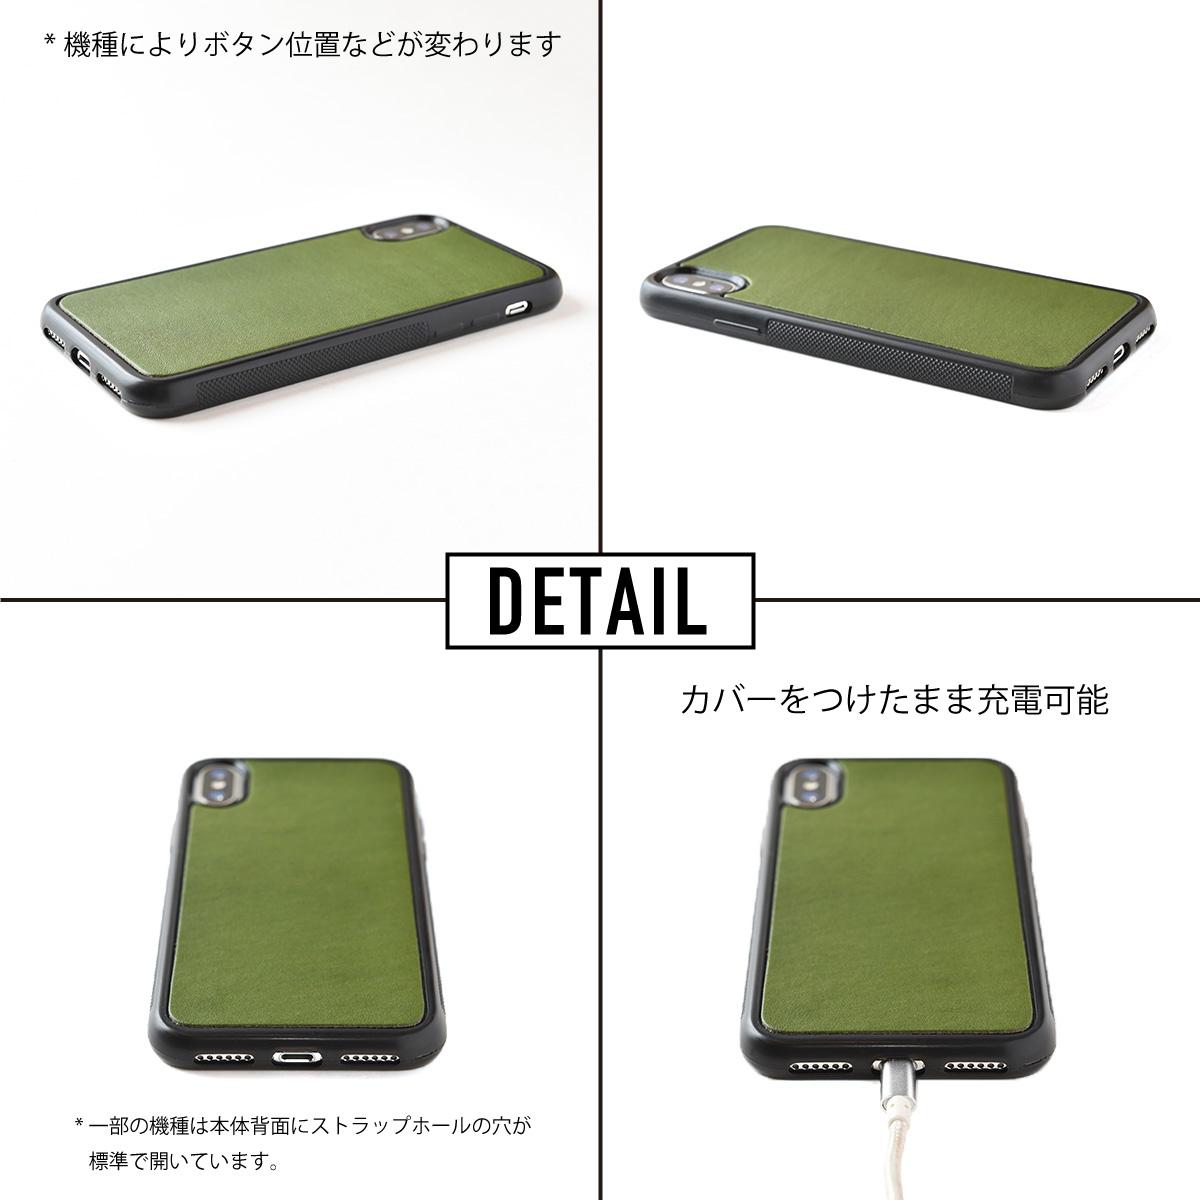 iPhoneOpenCase:   Design K_1:ミニマーク埋込み/スター右上